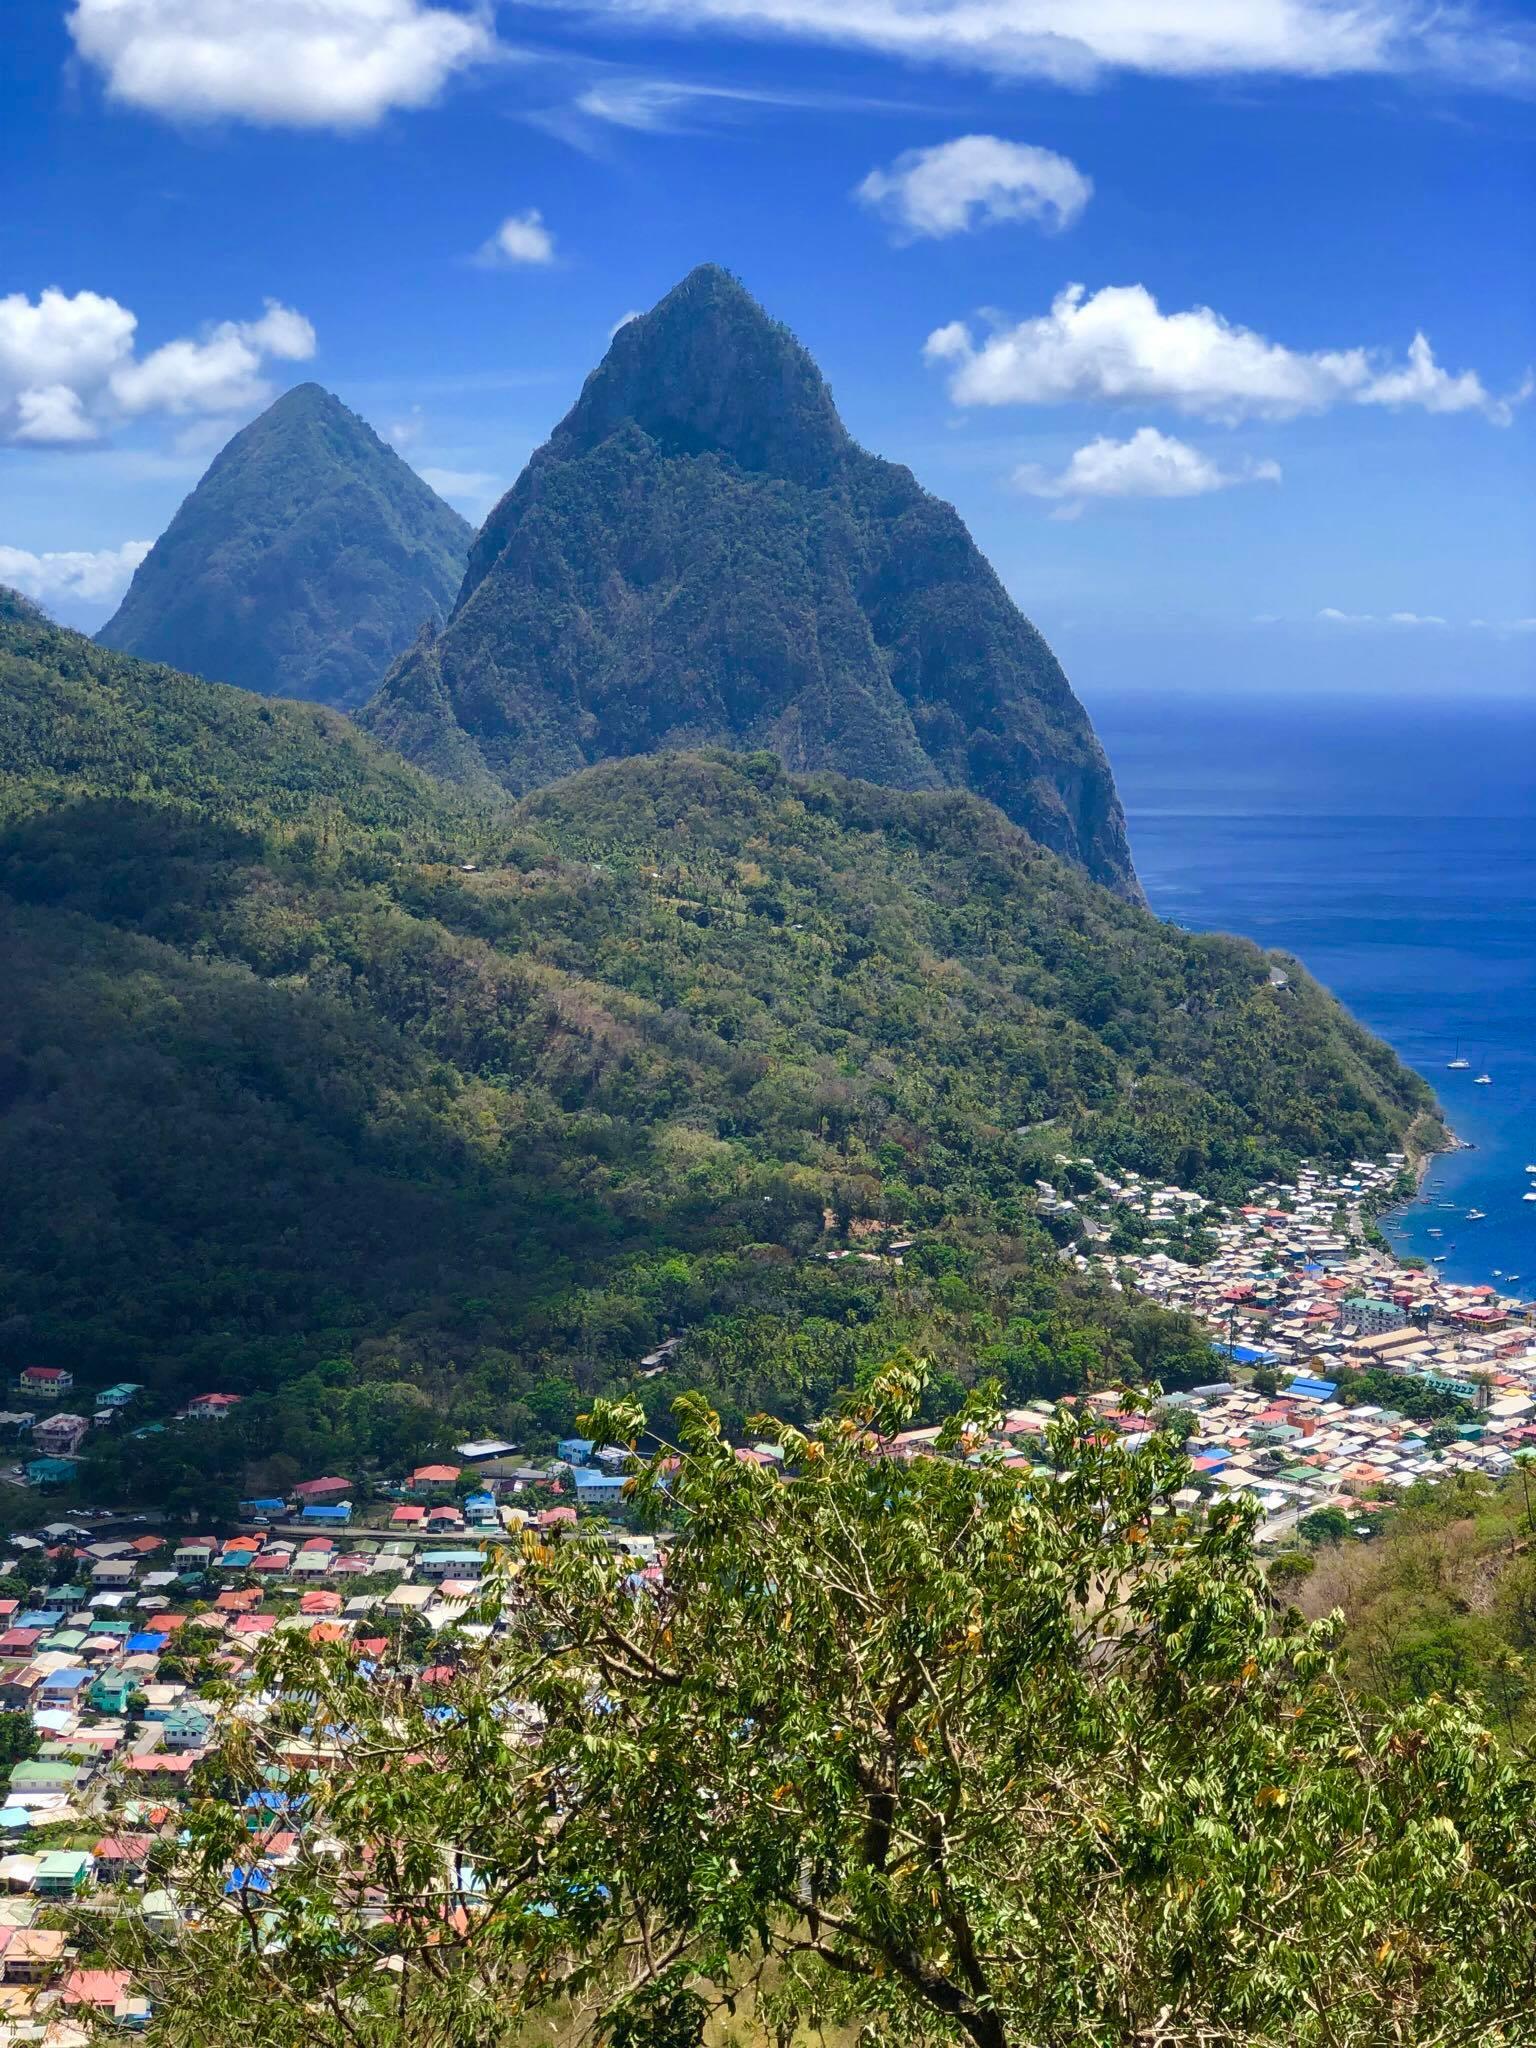 Kach Solo Travels in 2019 Beautiful St Lucia4.jpg